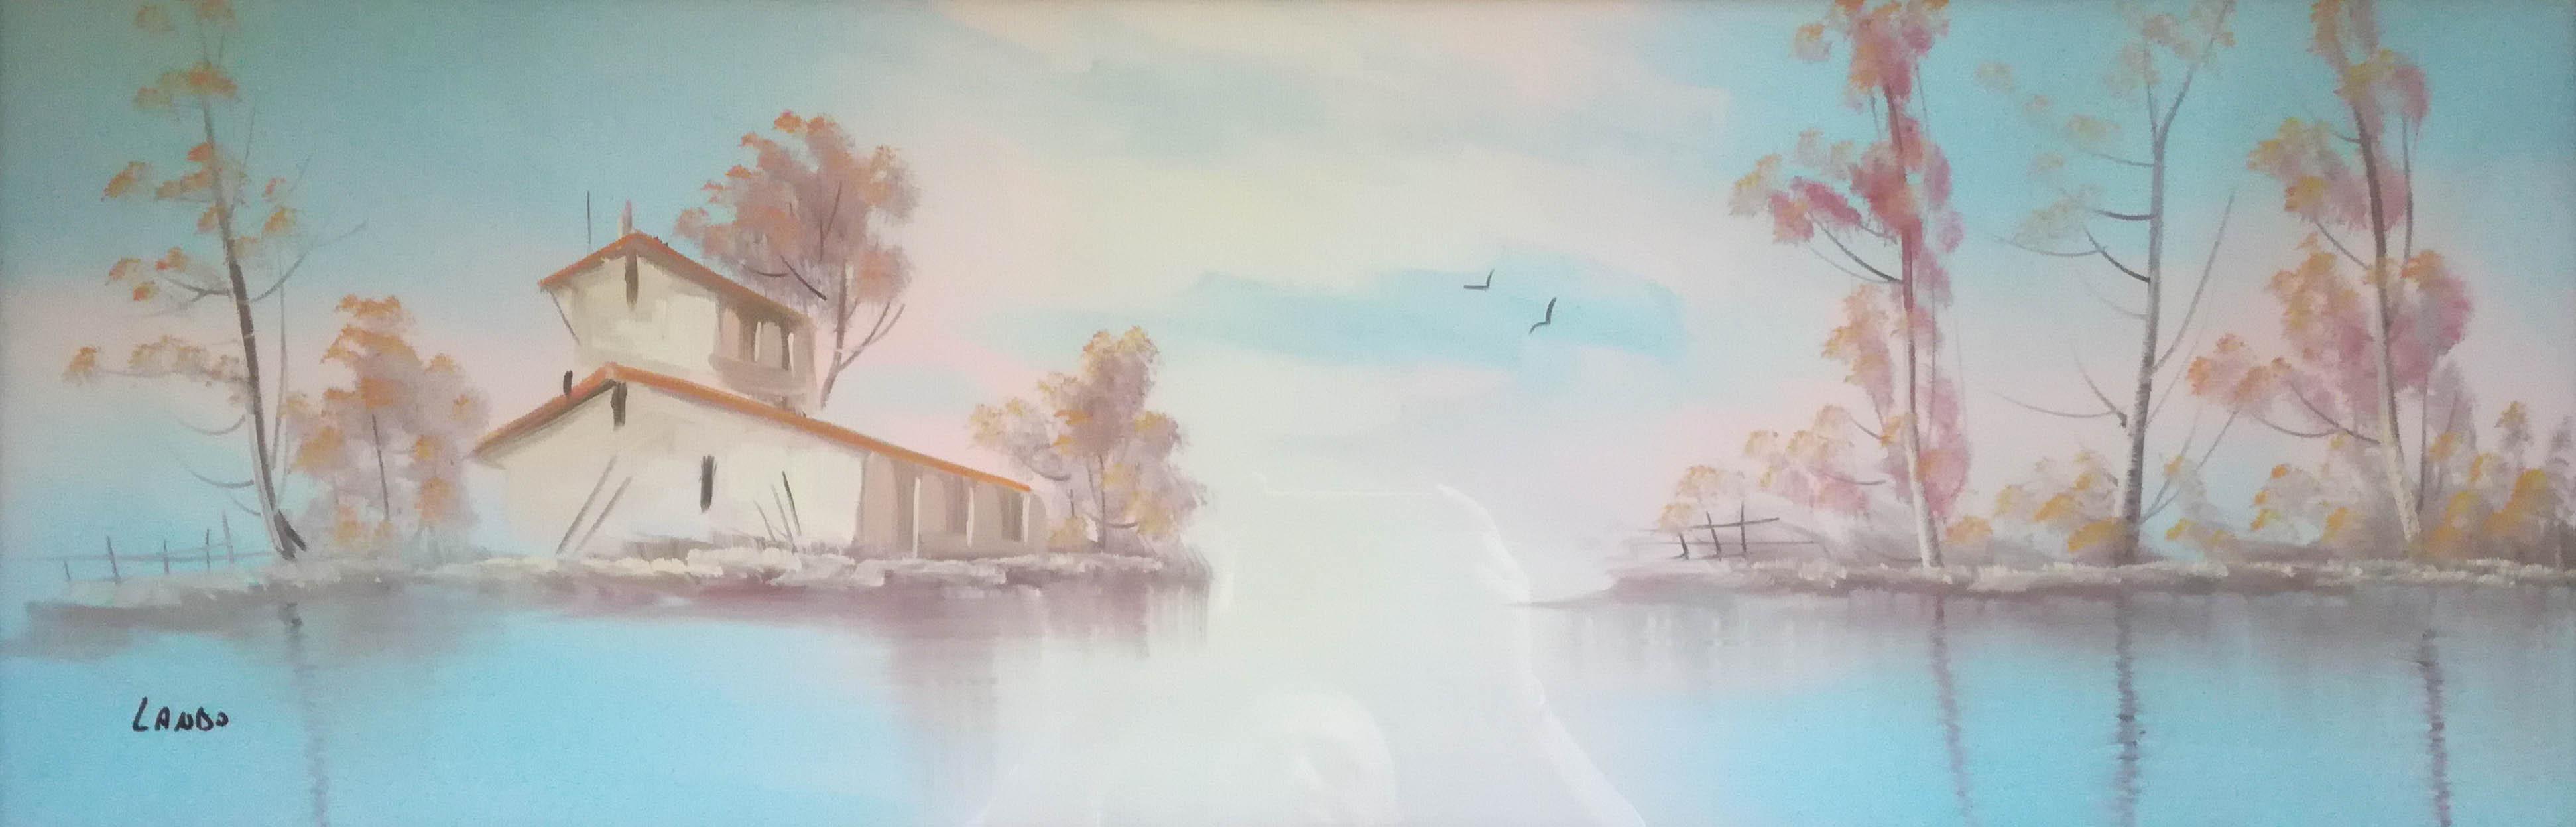 Lando – Paesaggio